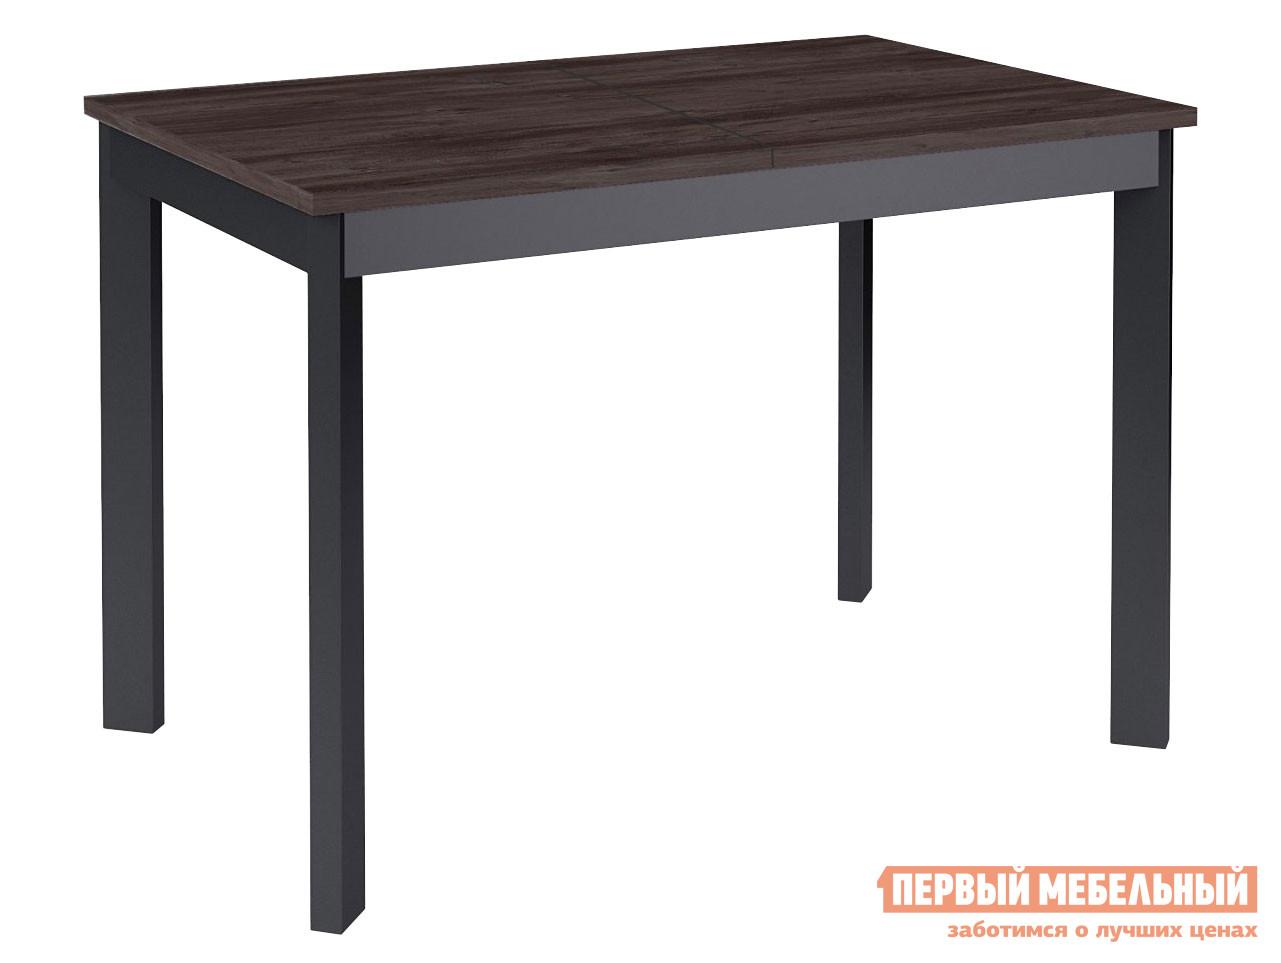 Кухонный стол  Dikline L111 Ясень Анкор темный / Черный ДИК 127308